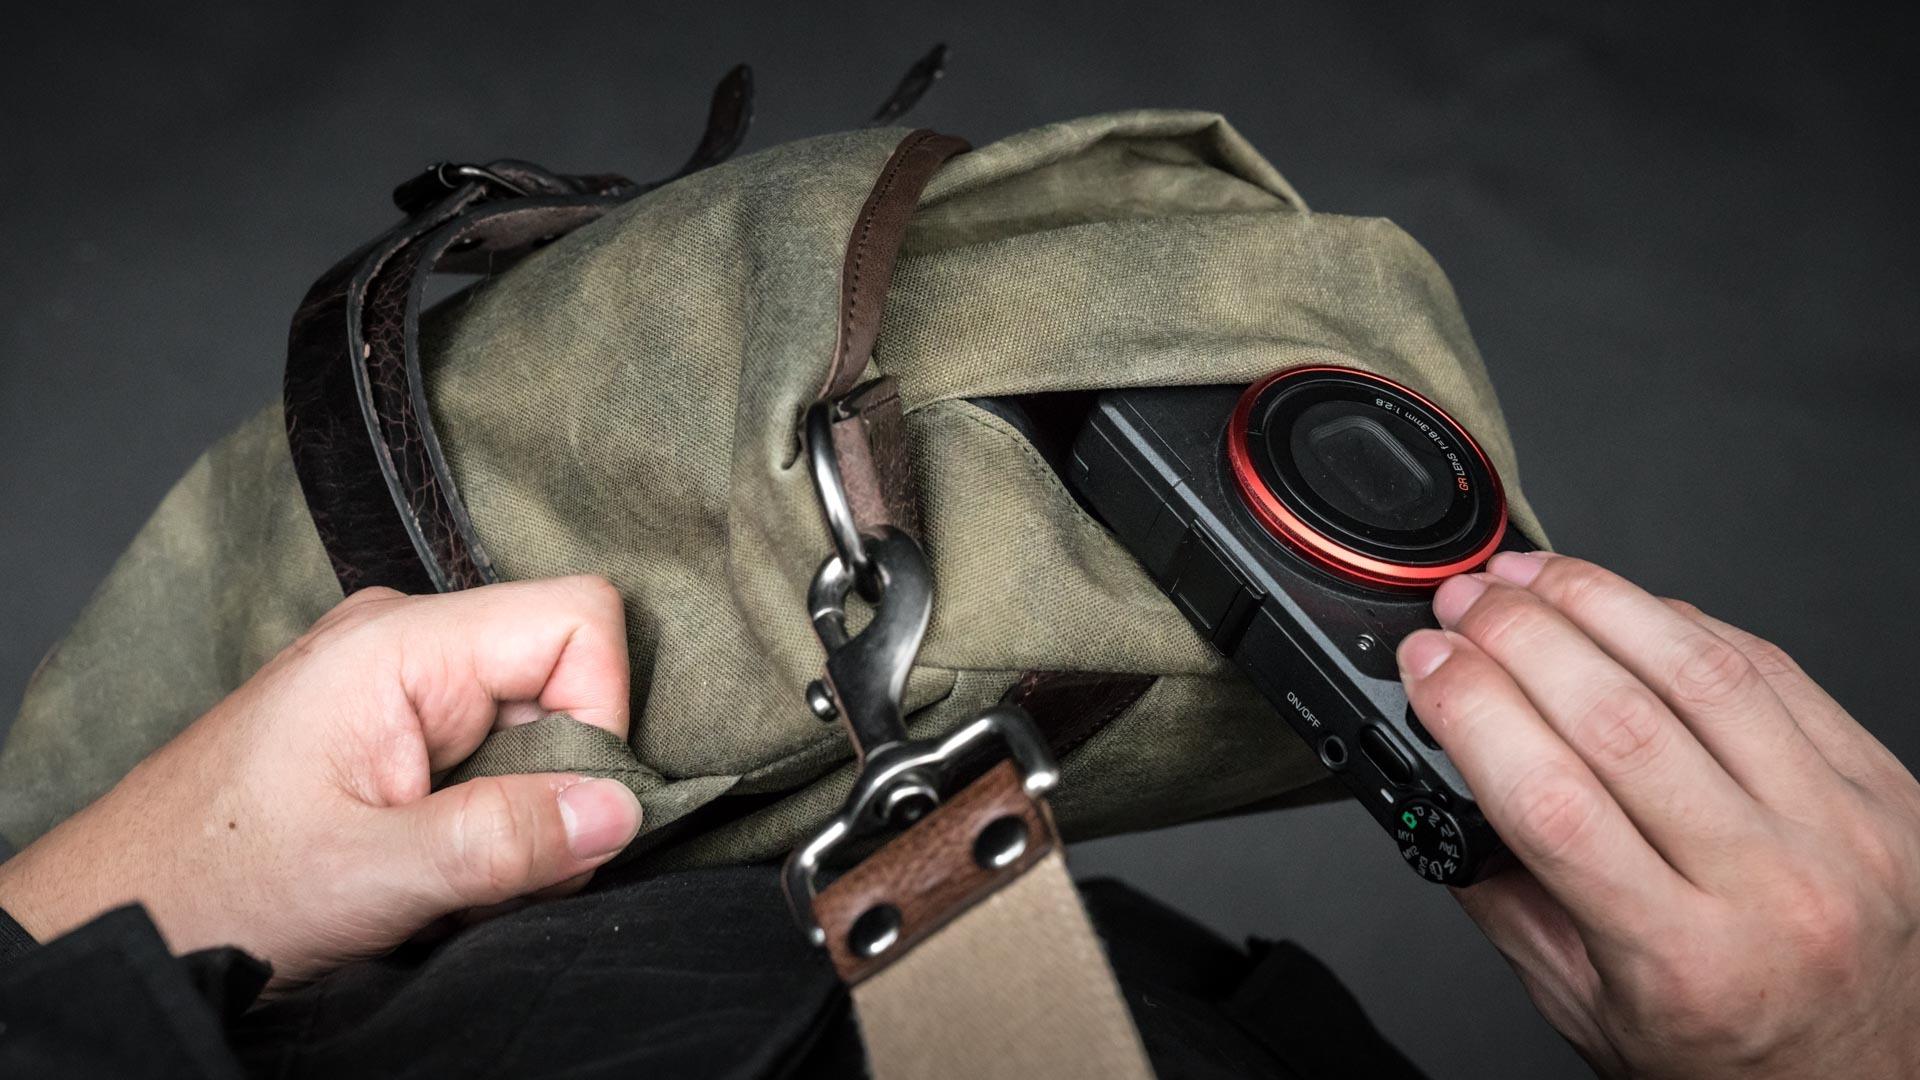 Ricoh GR in side pocket.